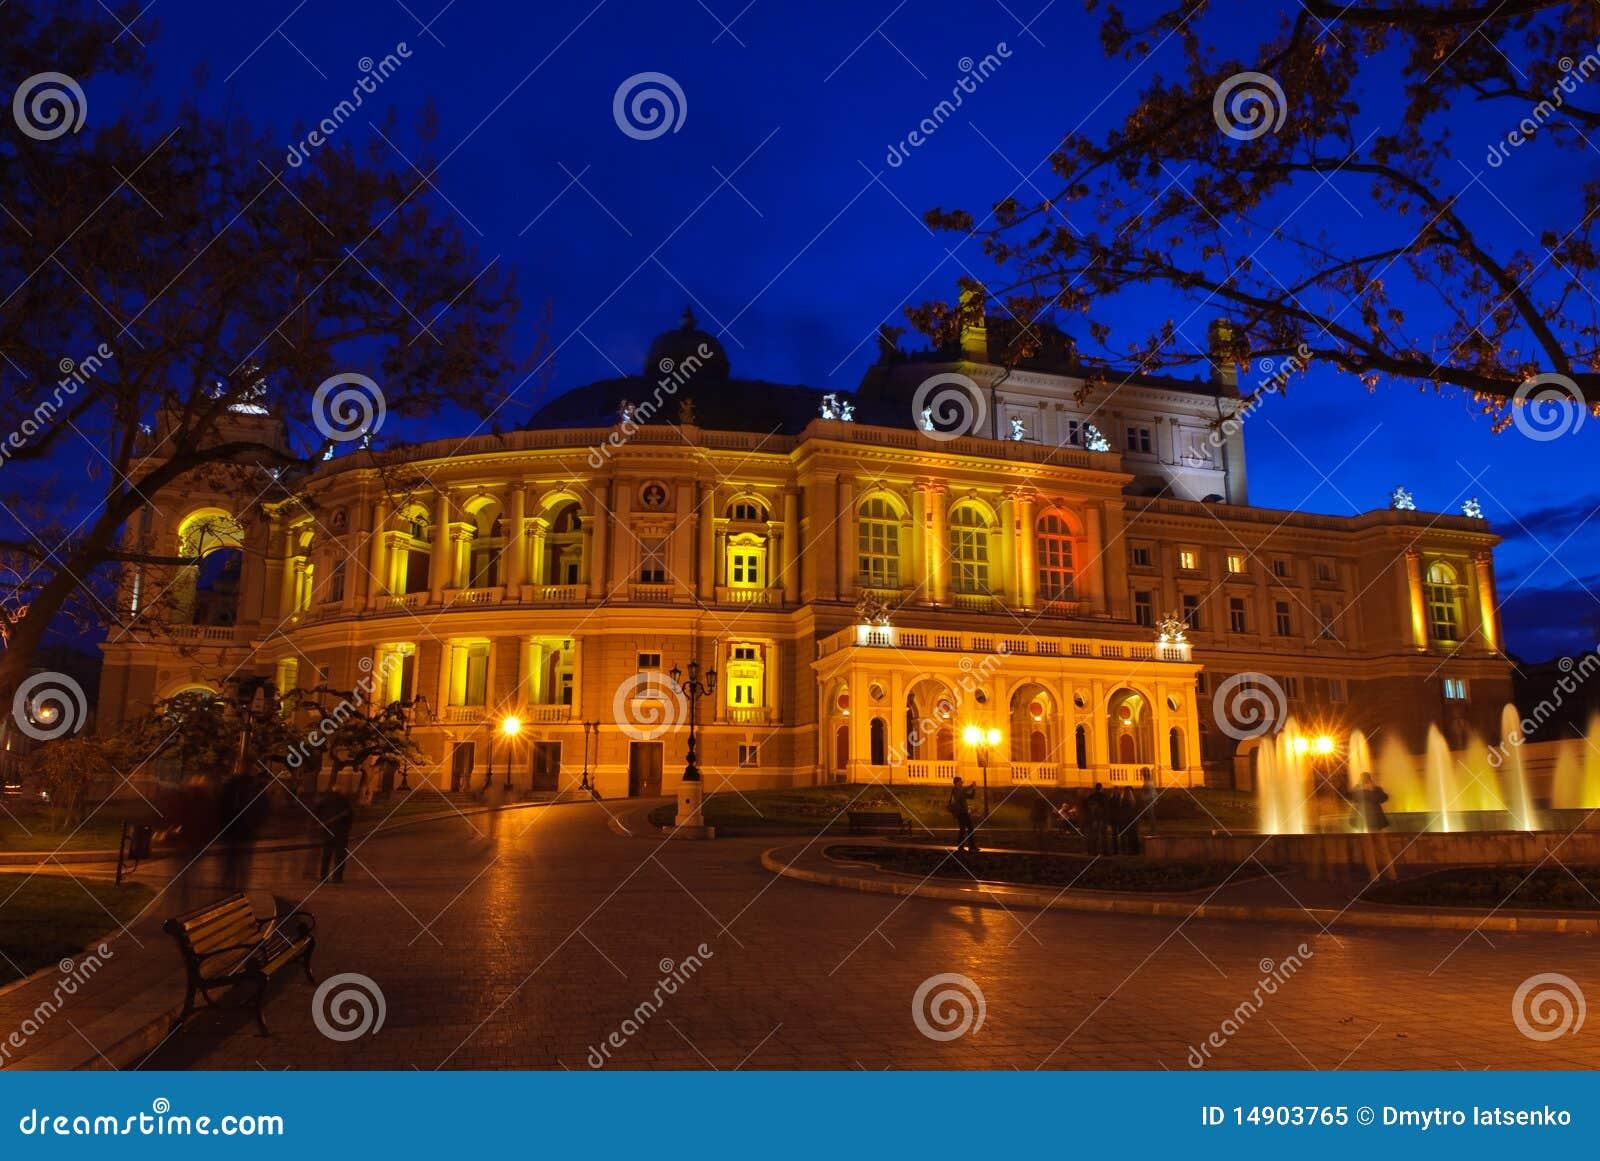 Het theater van de opera en van het ballet buiten bij nacht